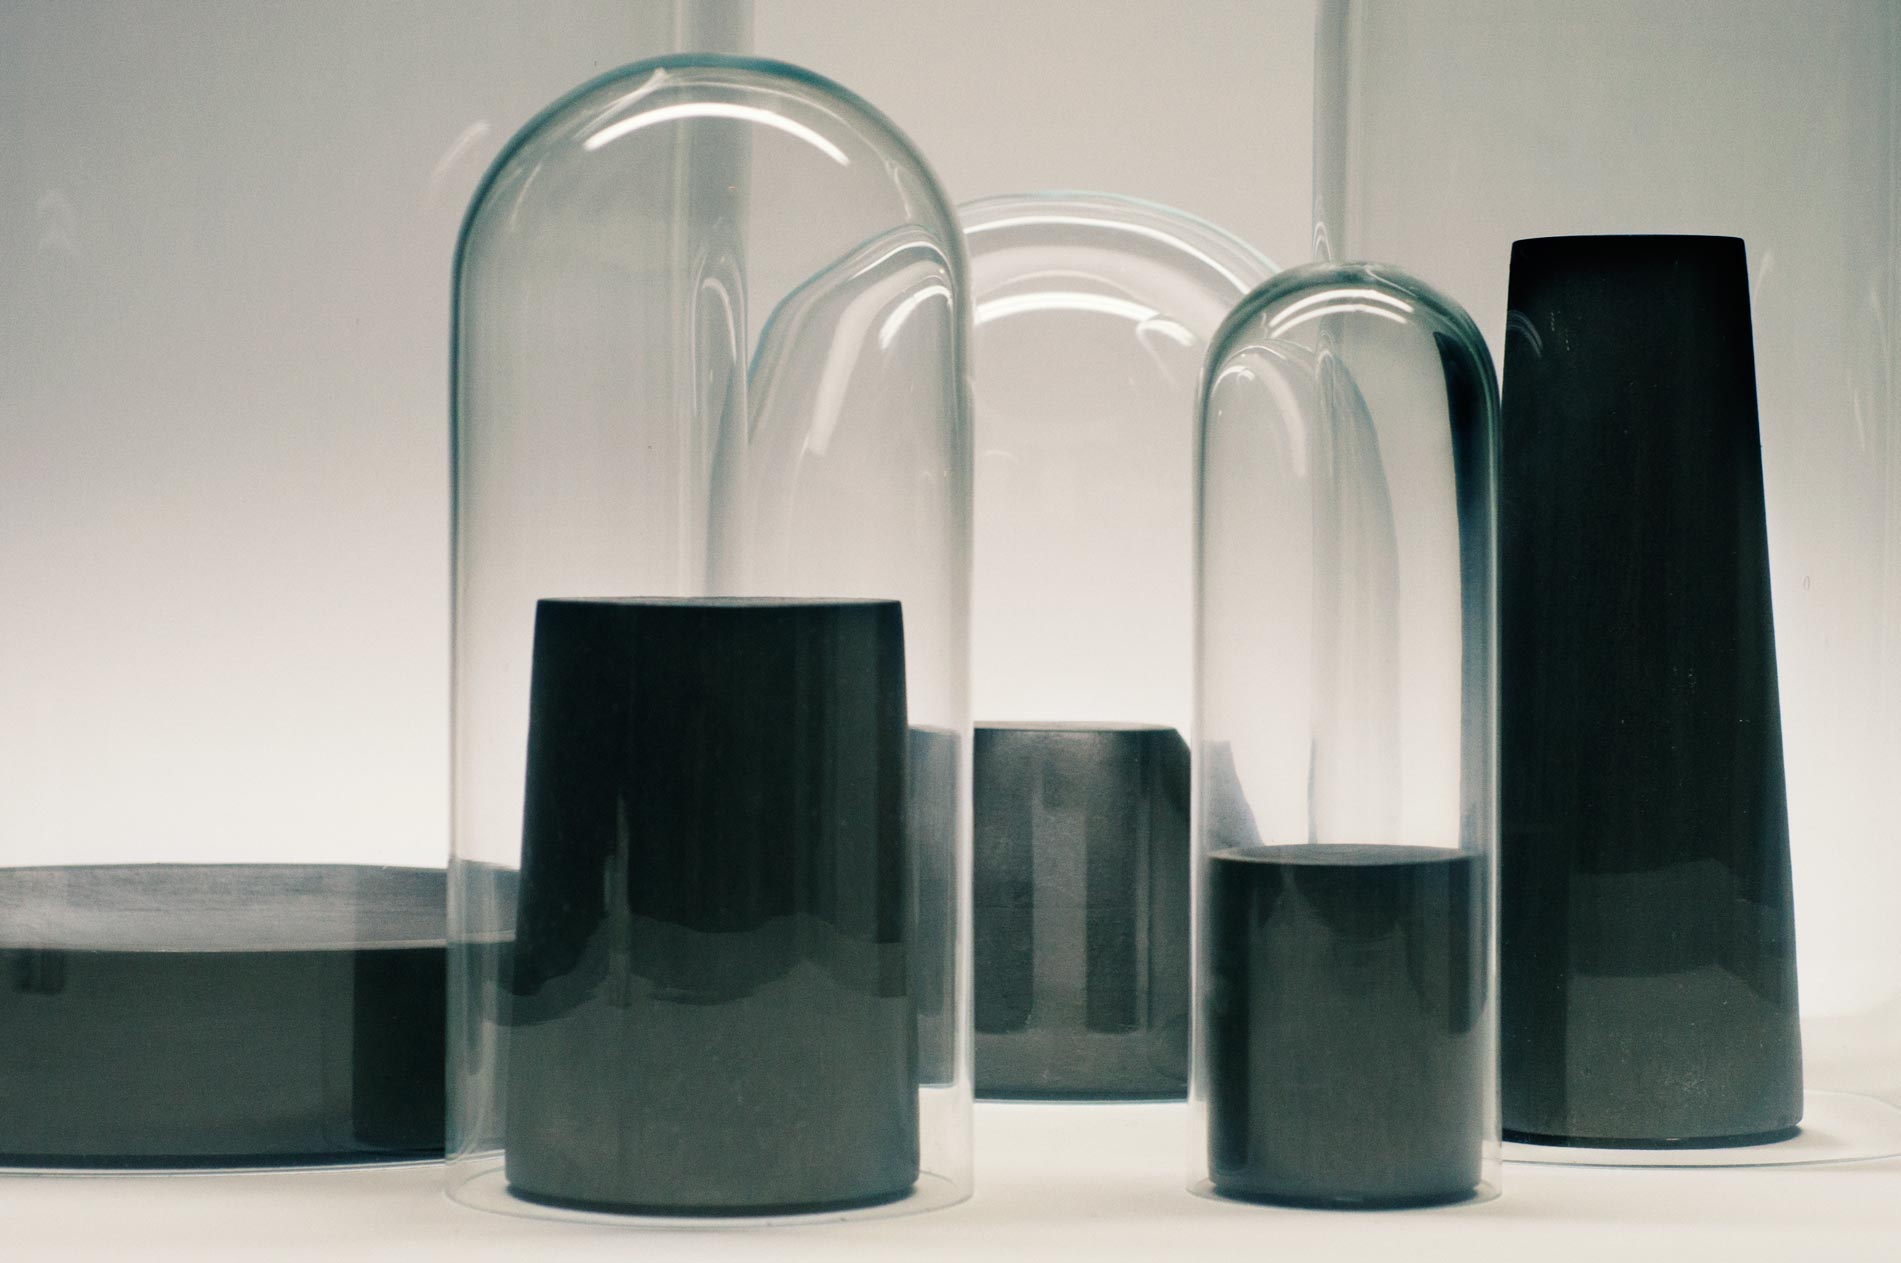 Photographie packshot de dames et de globes en verre avec socle